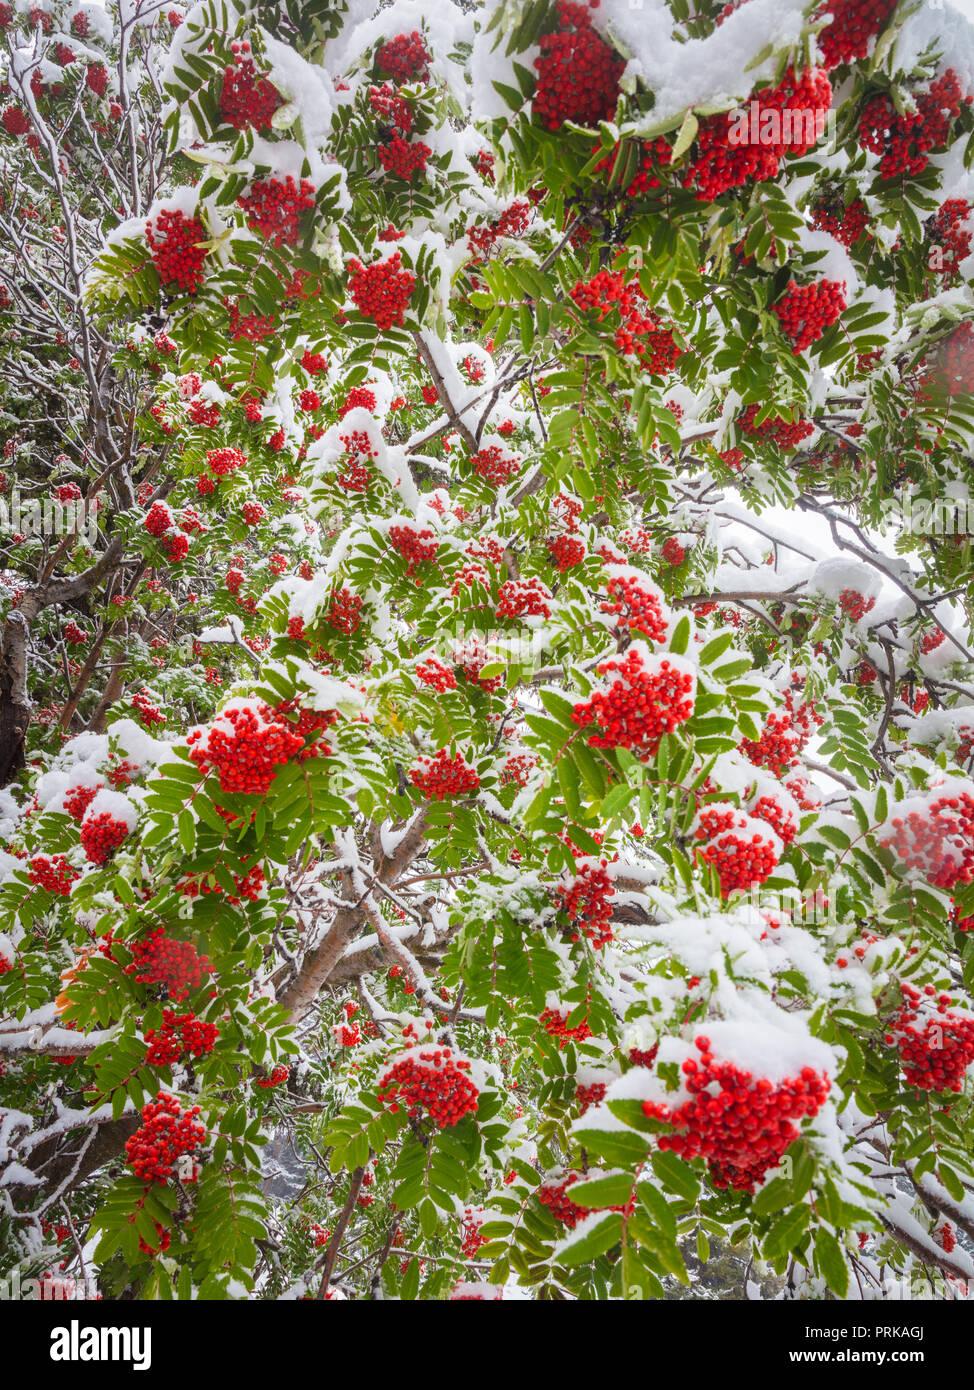 Le rowans ou mountain-cendres sont des arbustes ou des arbres dans le genre Sorbus, de la famille des roses, Rosaceae. Photo Stock